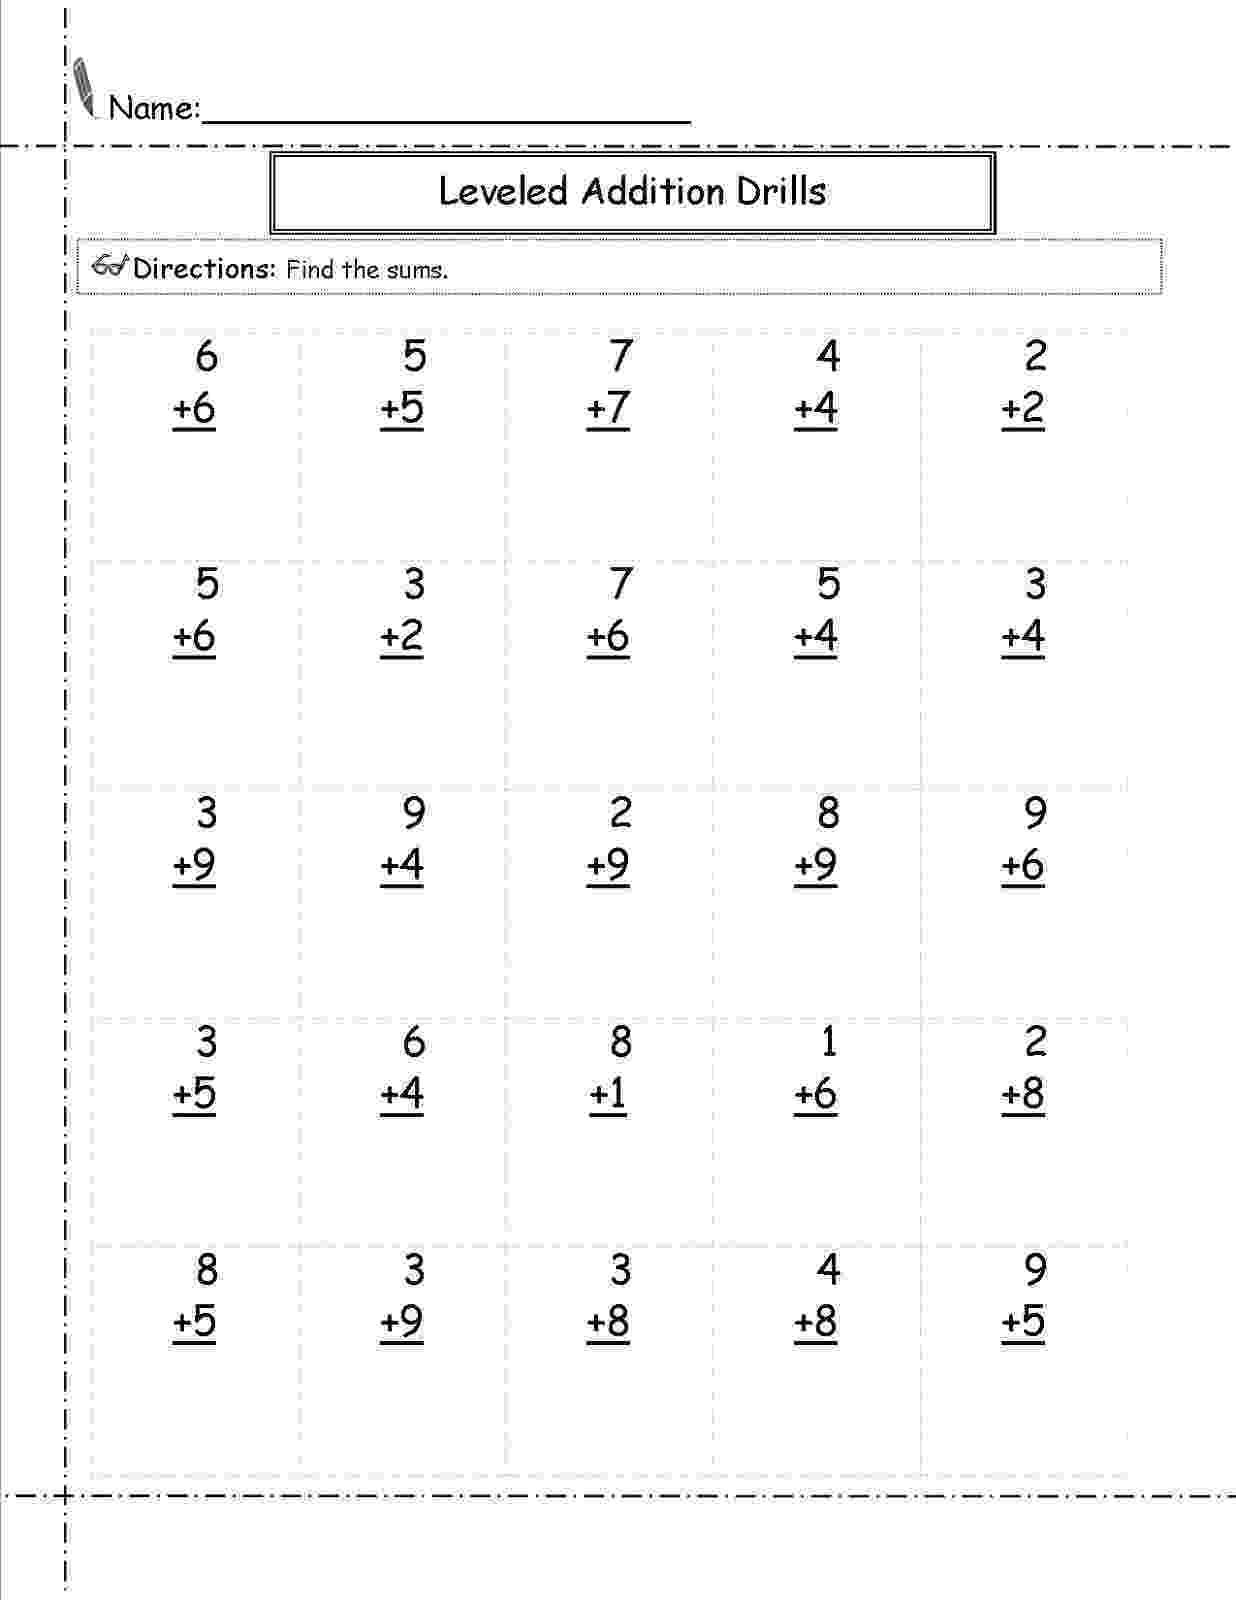 maths worksheets for grade 1 download math worksheets for grade 1 activity shelter 1 grade for maths download worksheets